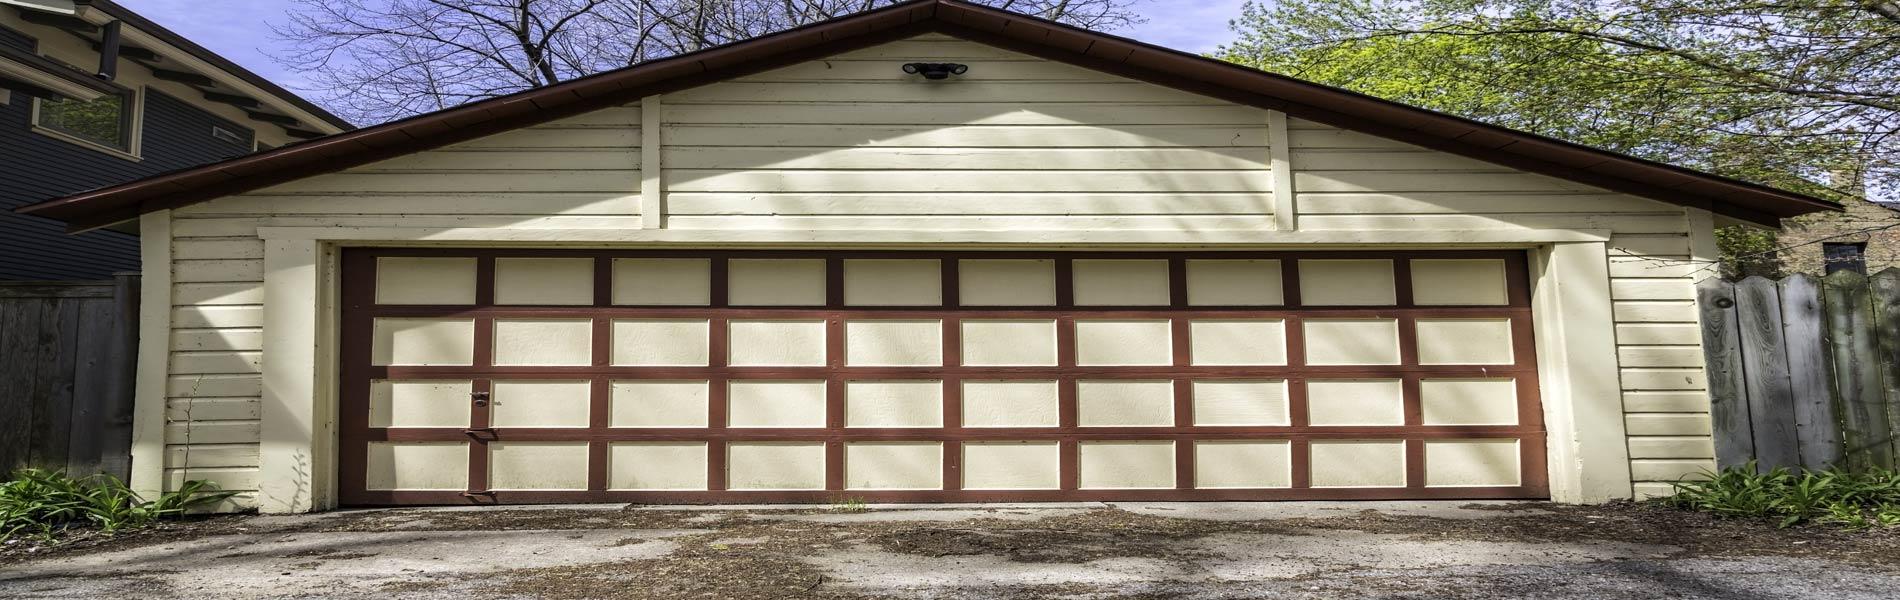 Hightech Garage Doors New Garage Door Jacksonville Fl 904 712